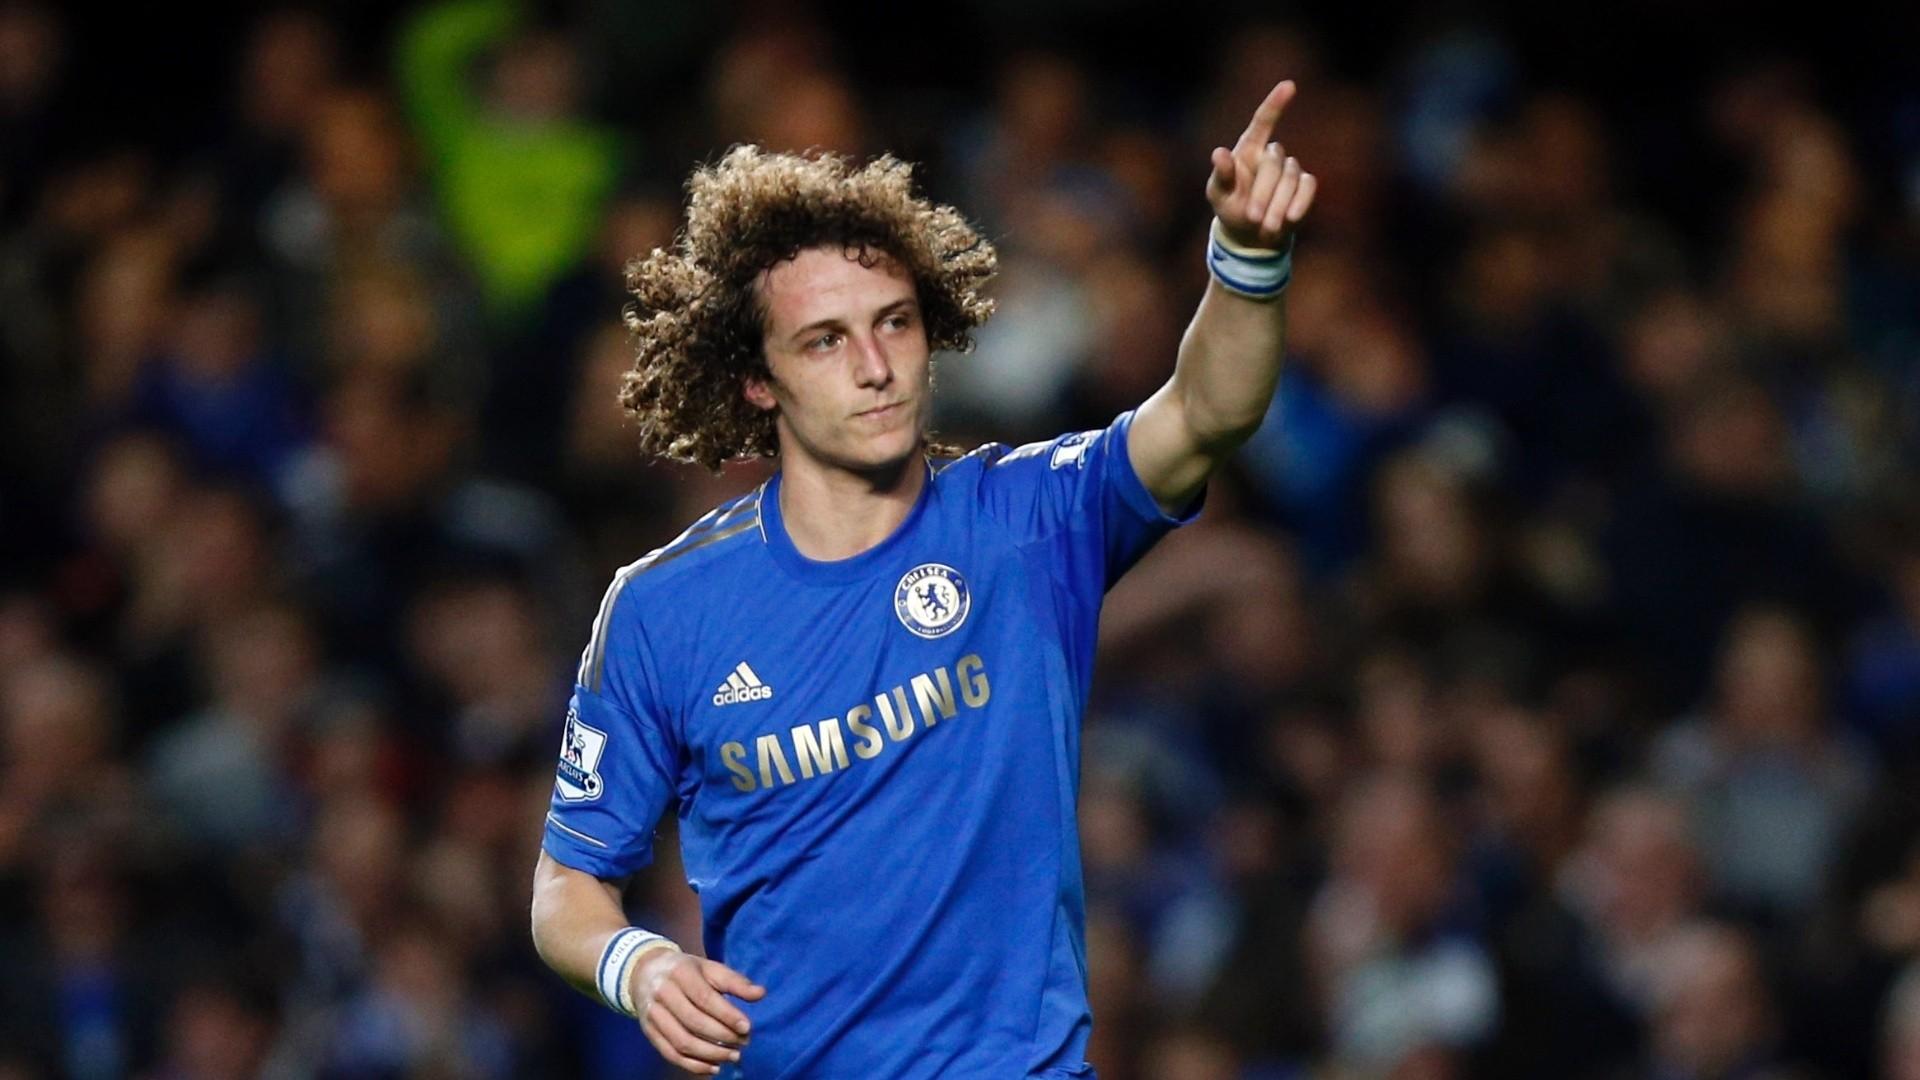 Frada está leiloando camisa usada por David Luiz no Chelsea, autografada por David Luiz, Ramires e Oscar!